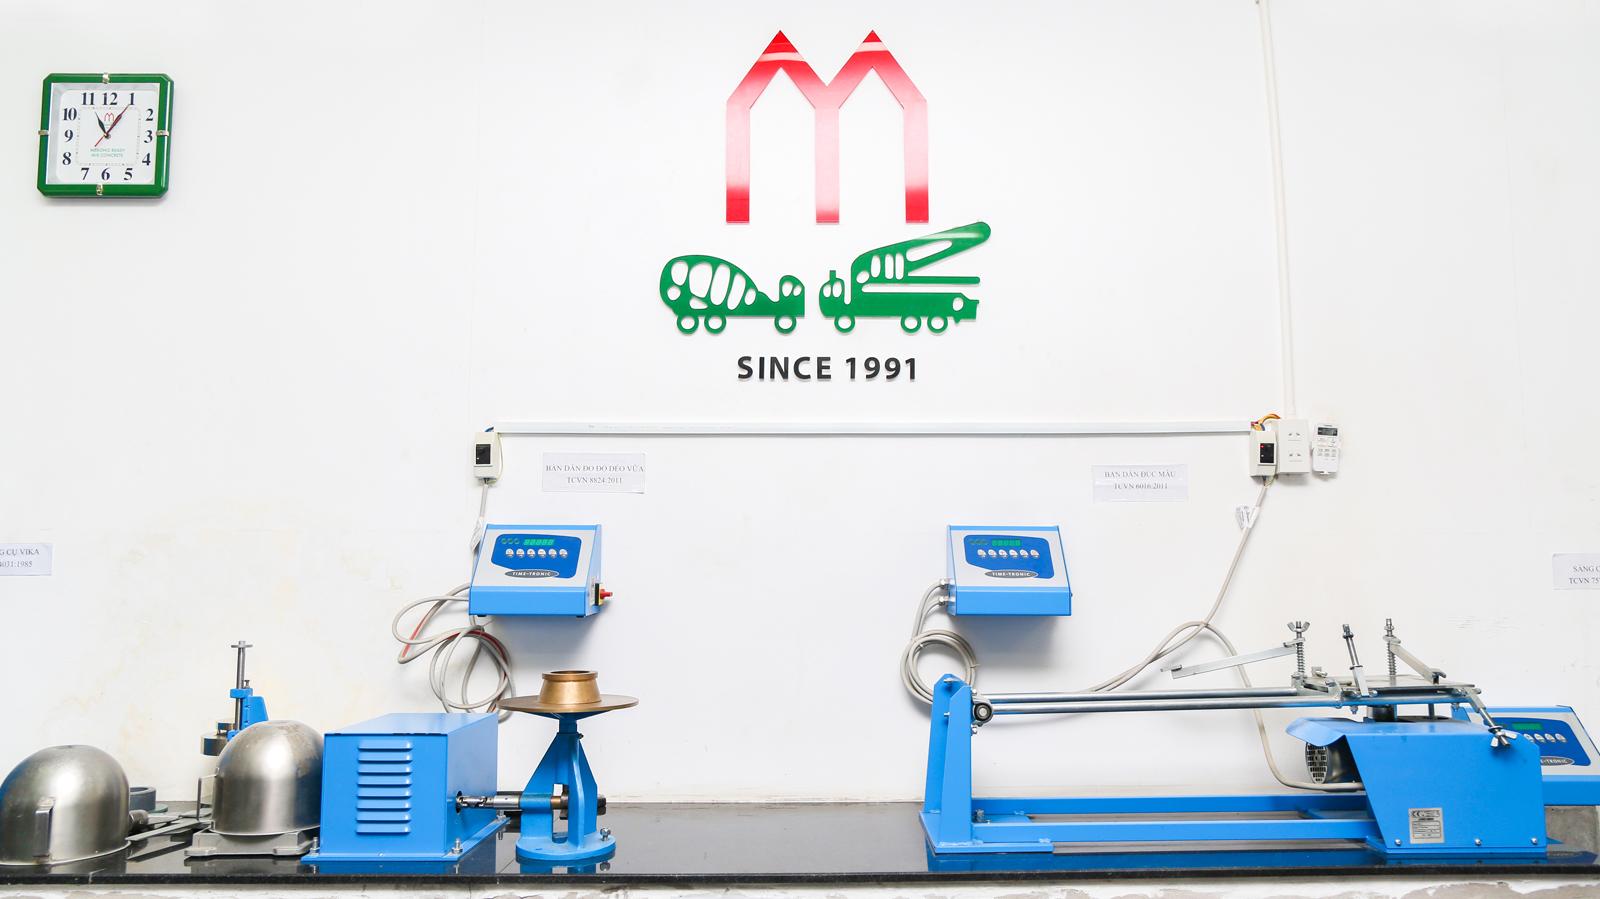 Phòng thí nghiệm trung tâm với hệ thống máy móc chuyên dụng